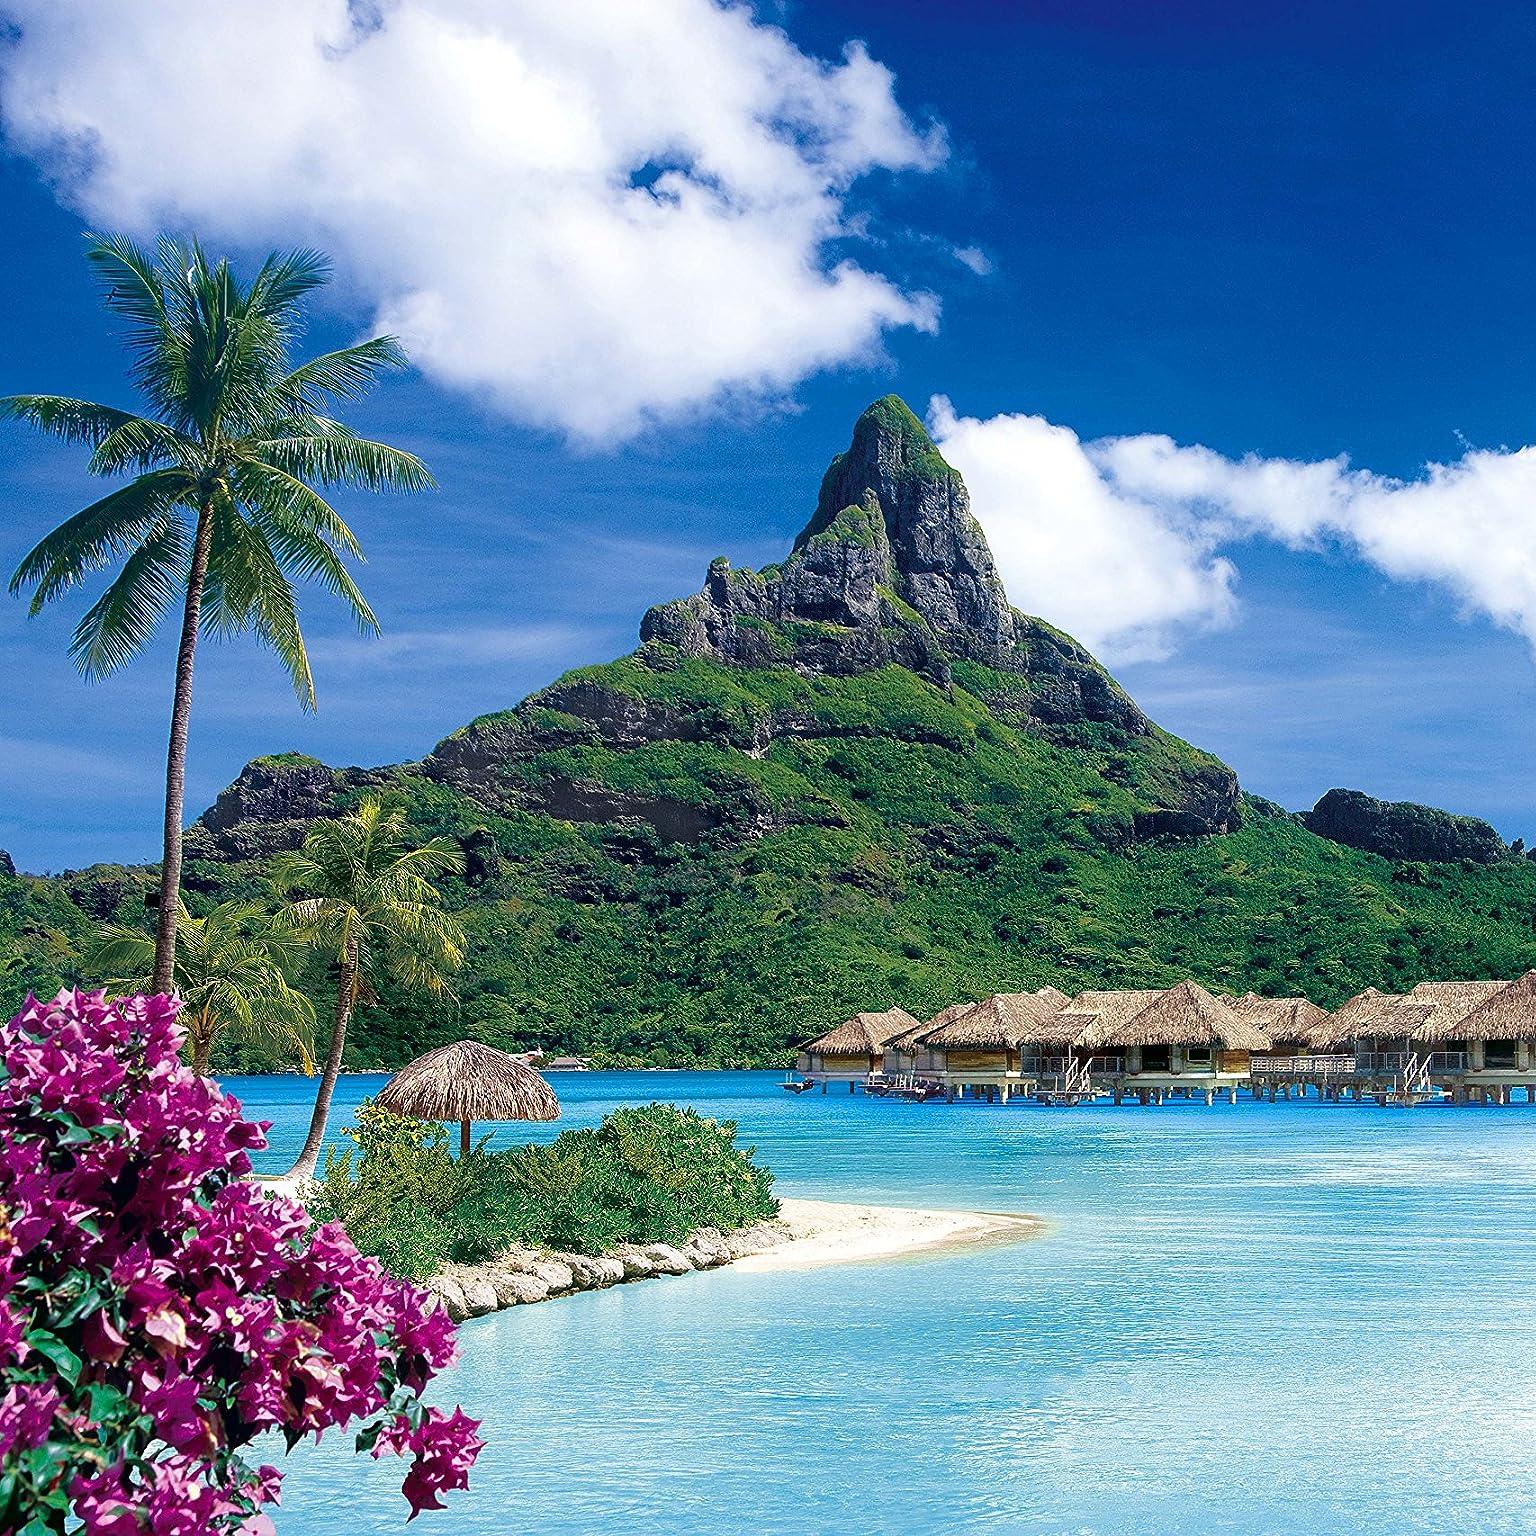 絶景 南洋の楽園ボラボラ島 ポリネシア Ipad壁紙 画像38477 スマポ